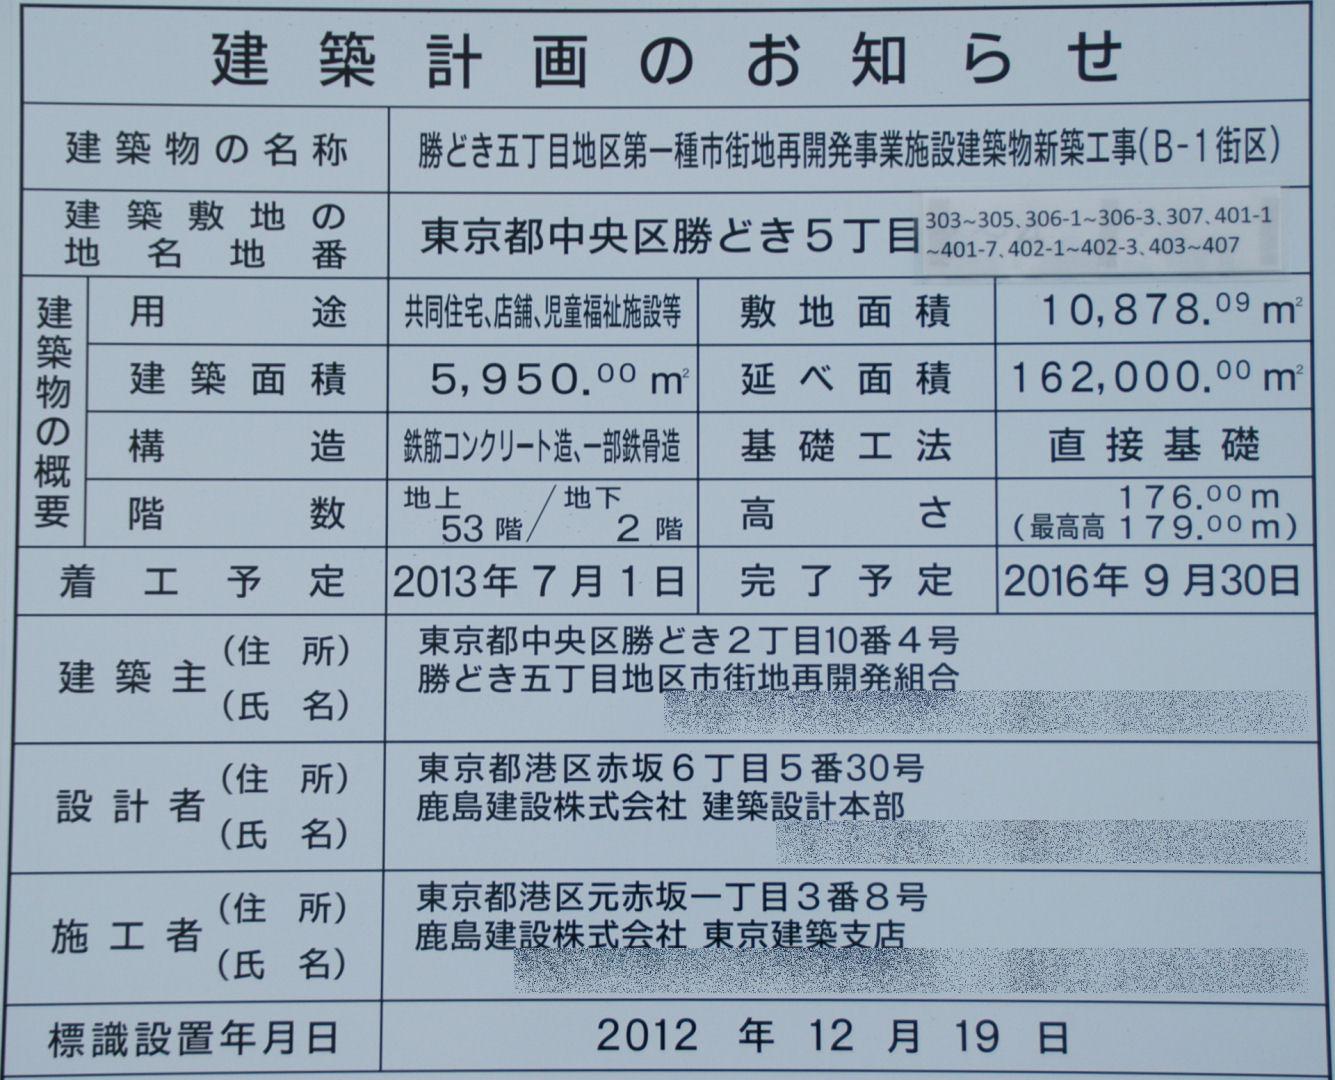 kachidoki13020039.jpg